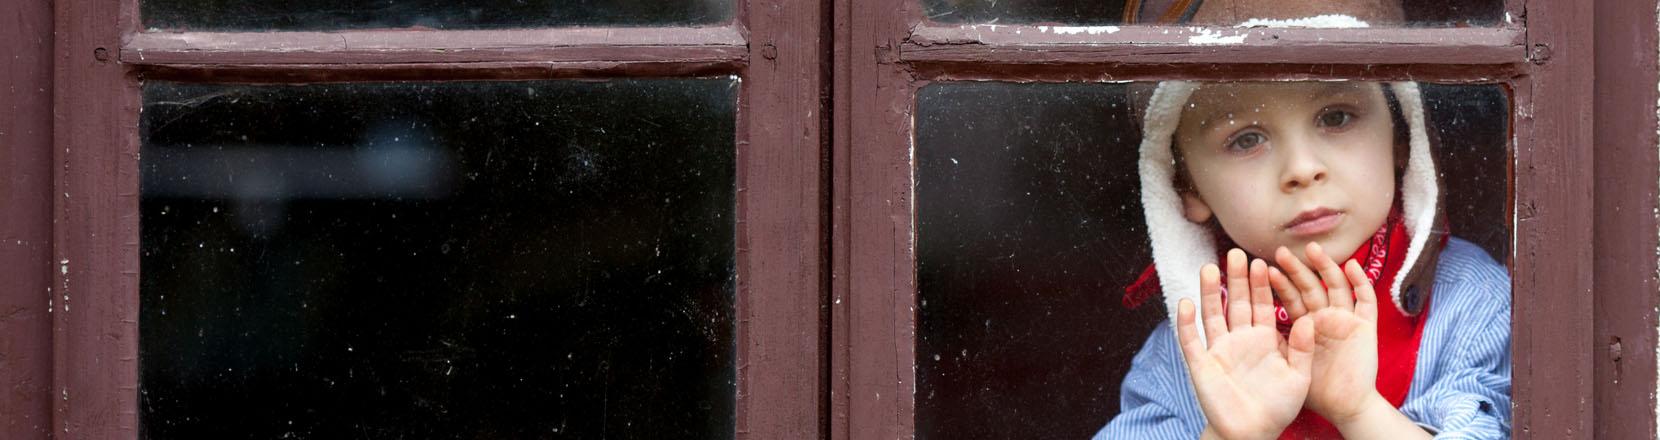 Lockdown e figli, zona rossa e coprifuoco: bambino chiuso in casa che guarda fuori e vuole uscire.